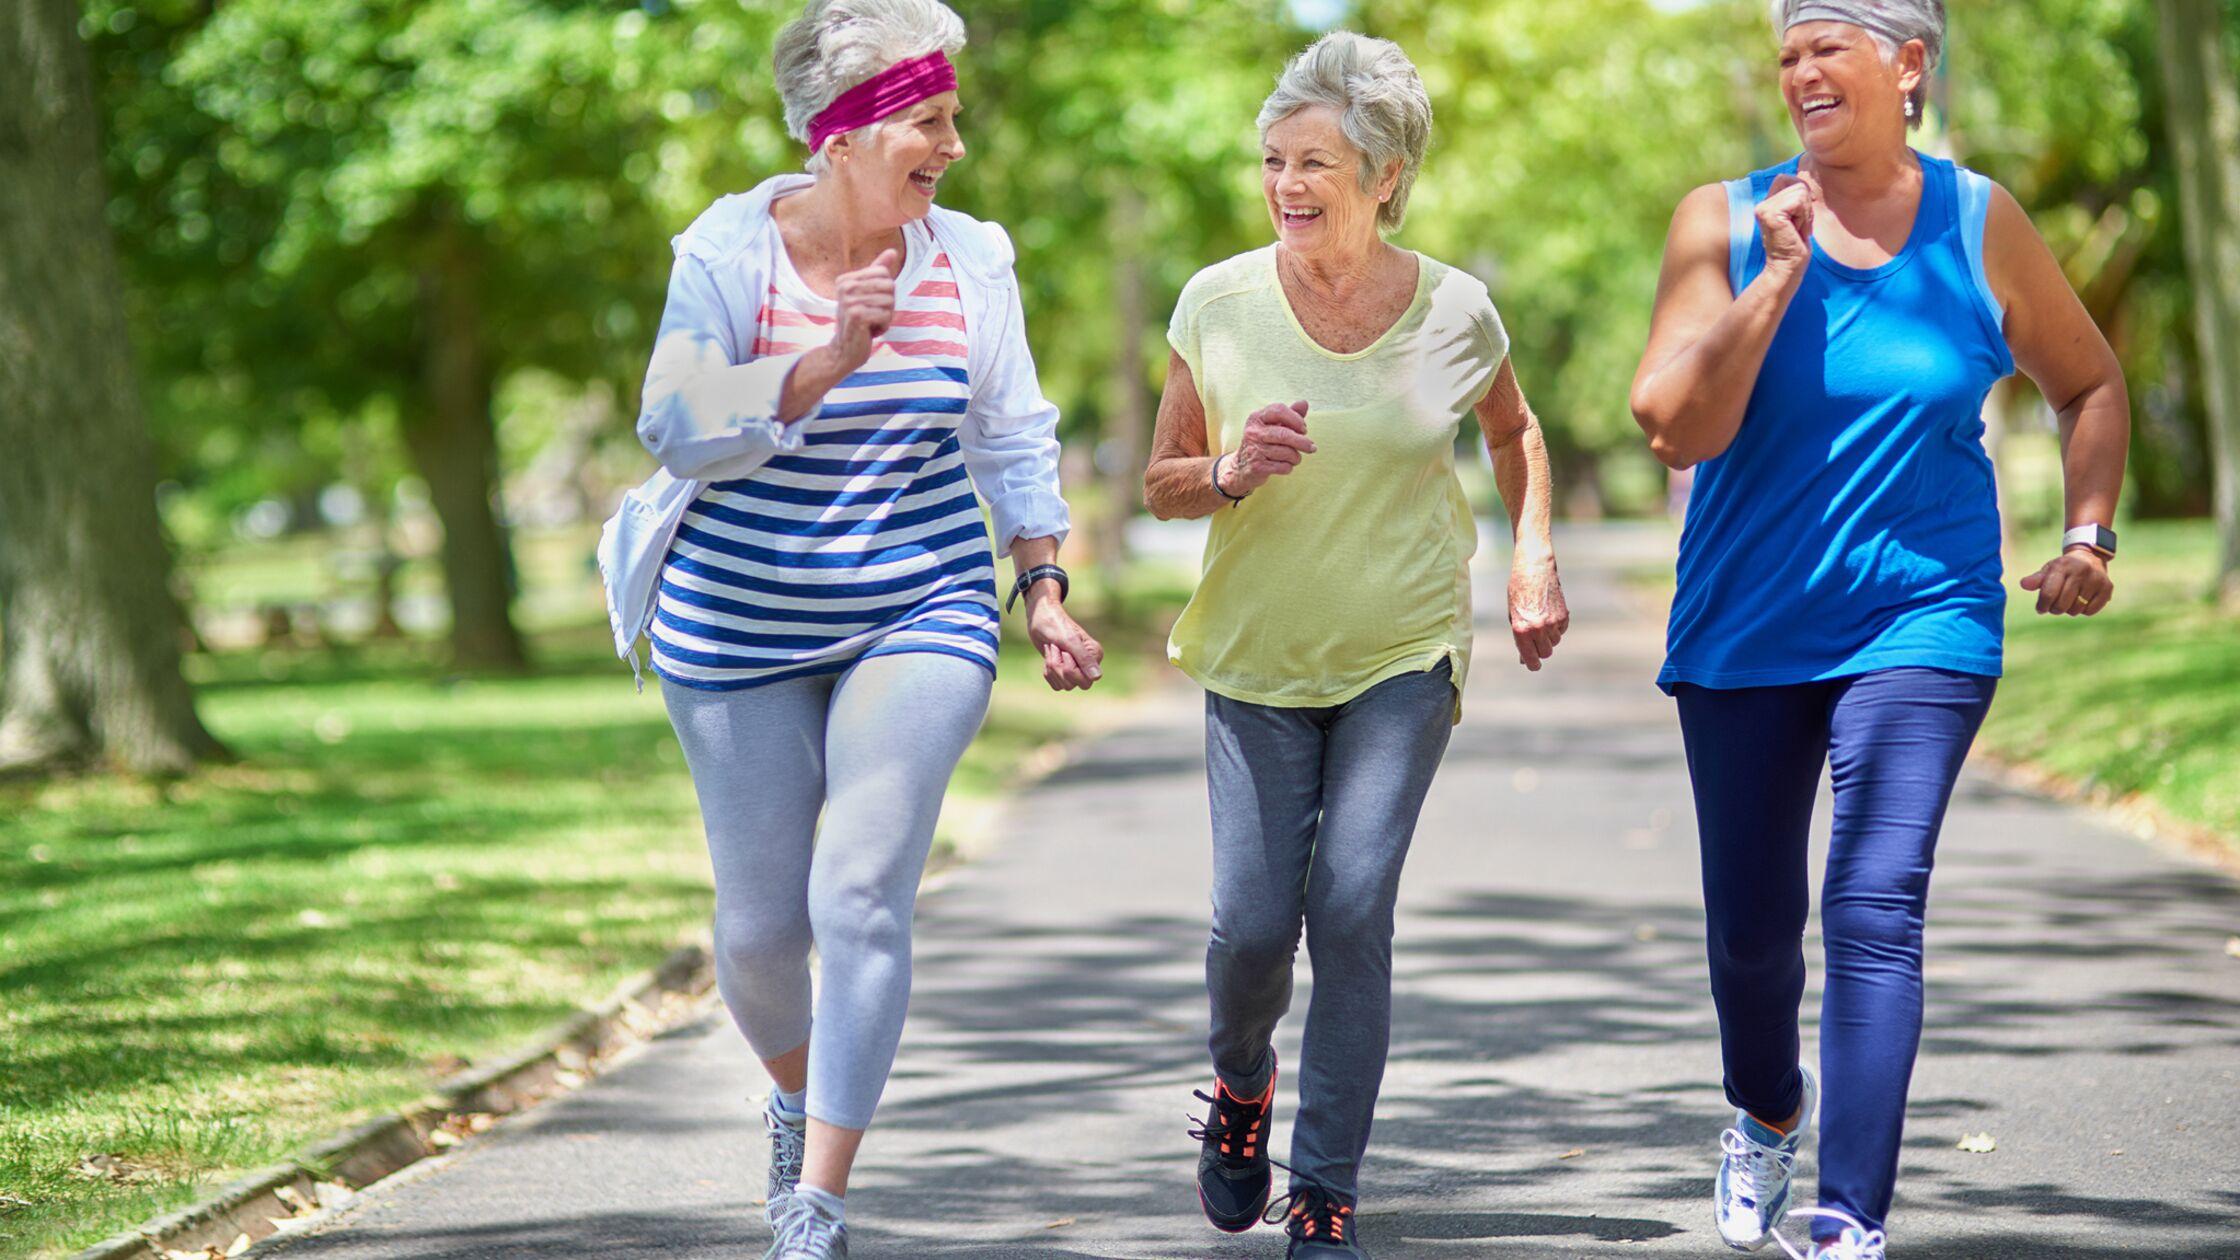 Drei ältere Frauen treiben im Park gemeinsam Sport